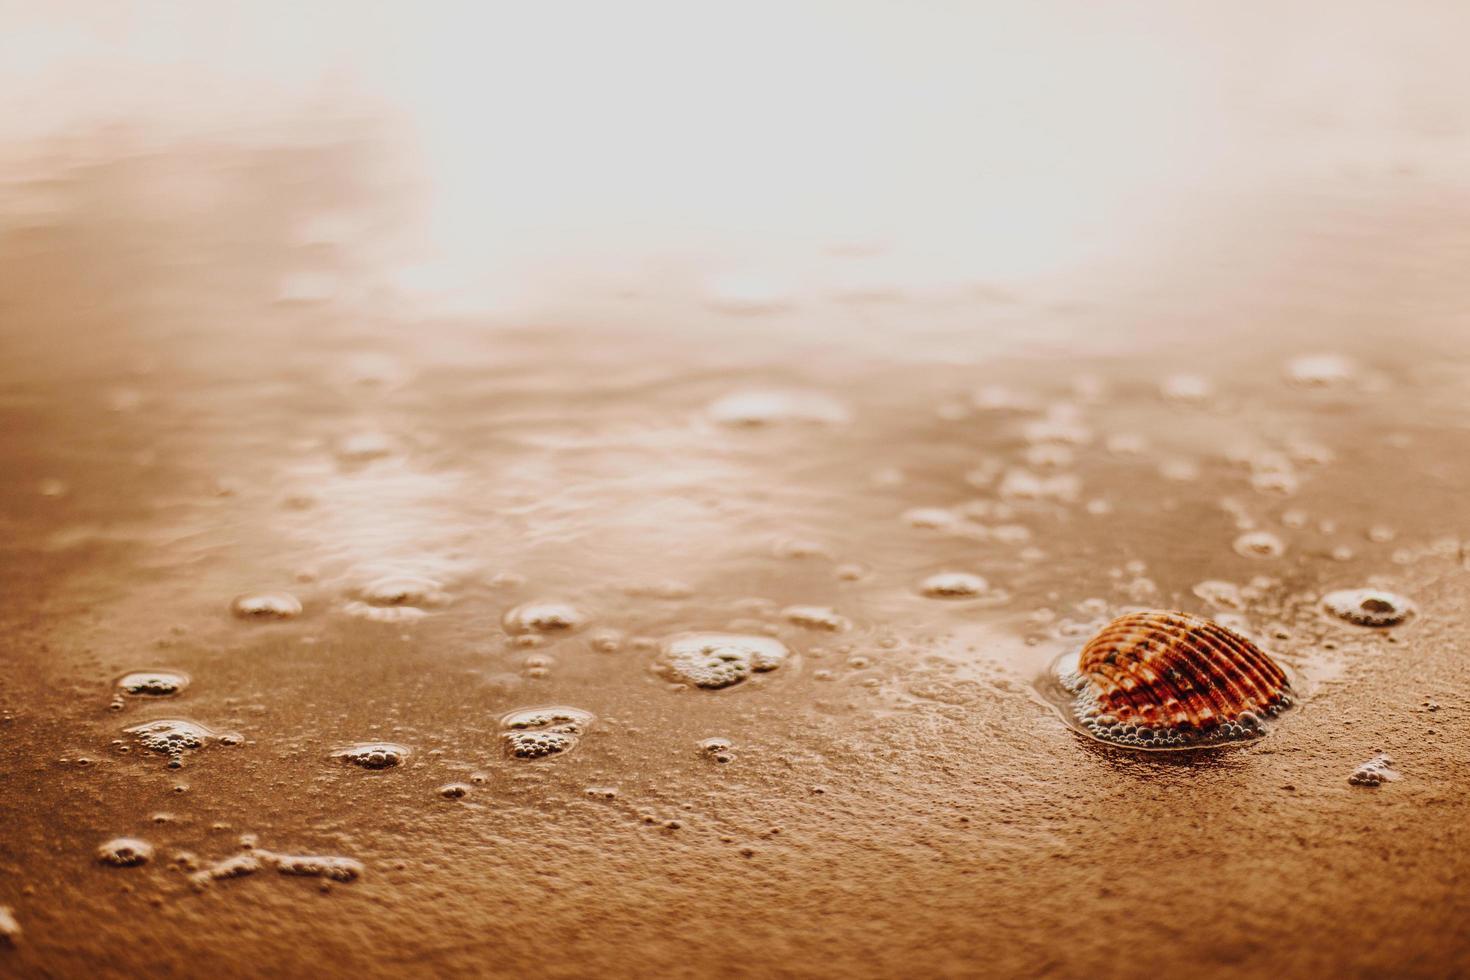 conchiglia sulla sabbia marrone foto